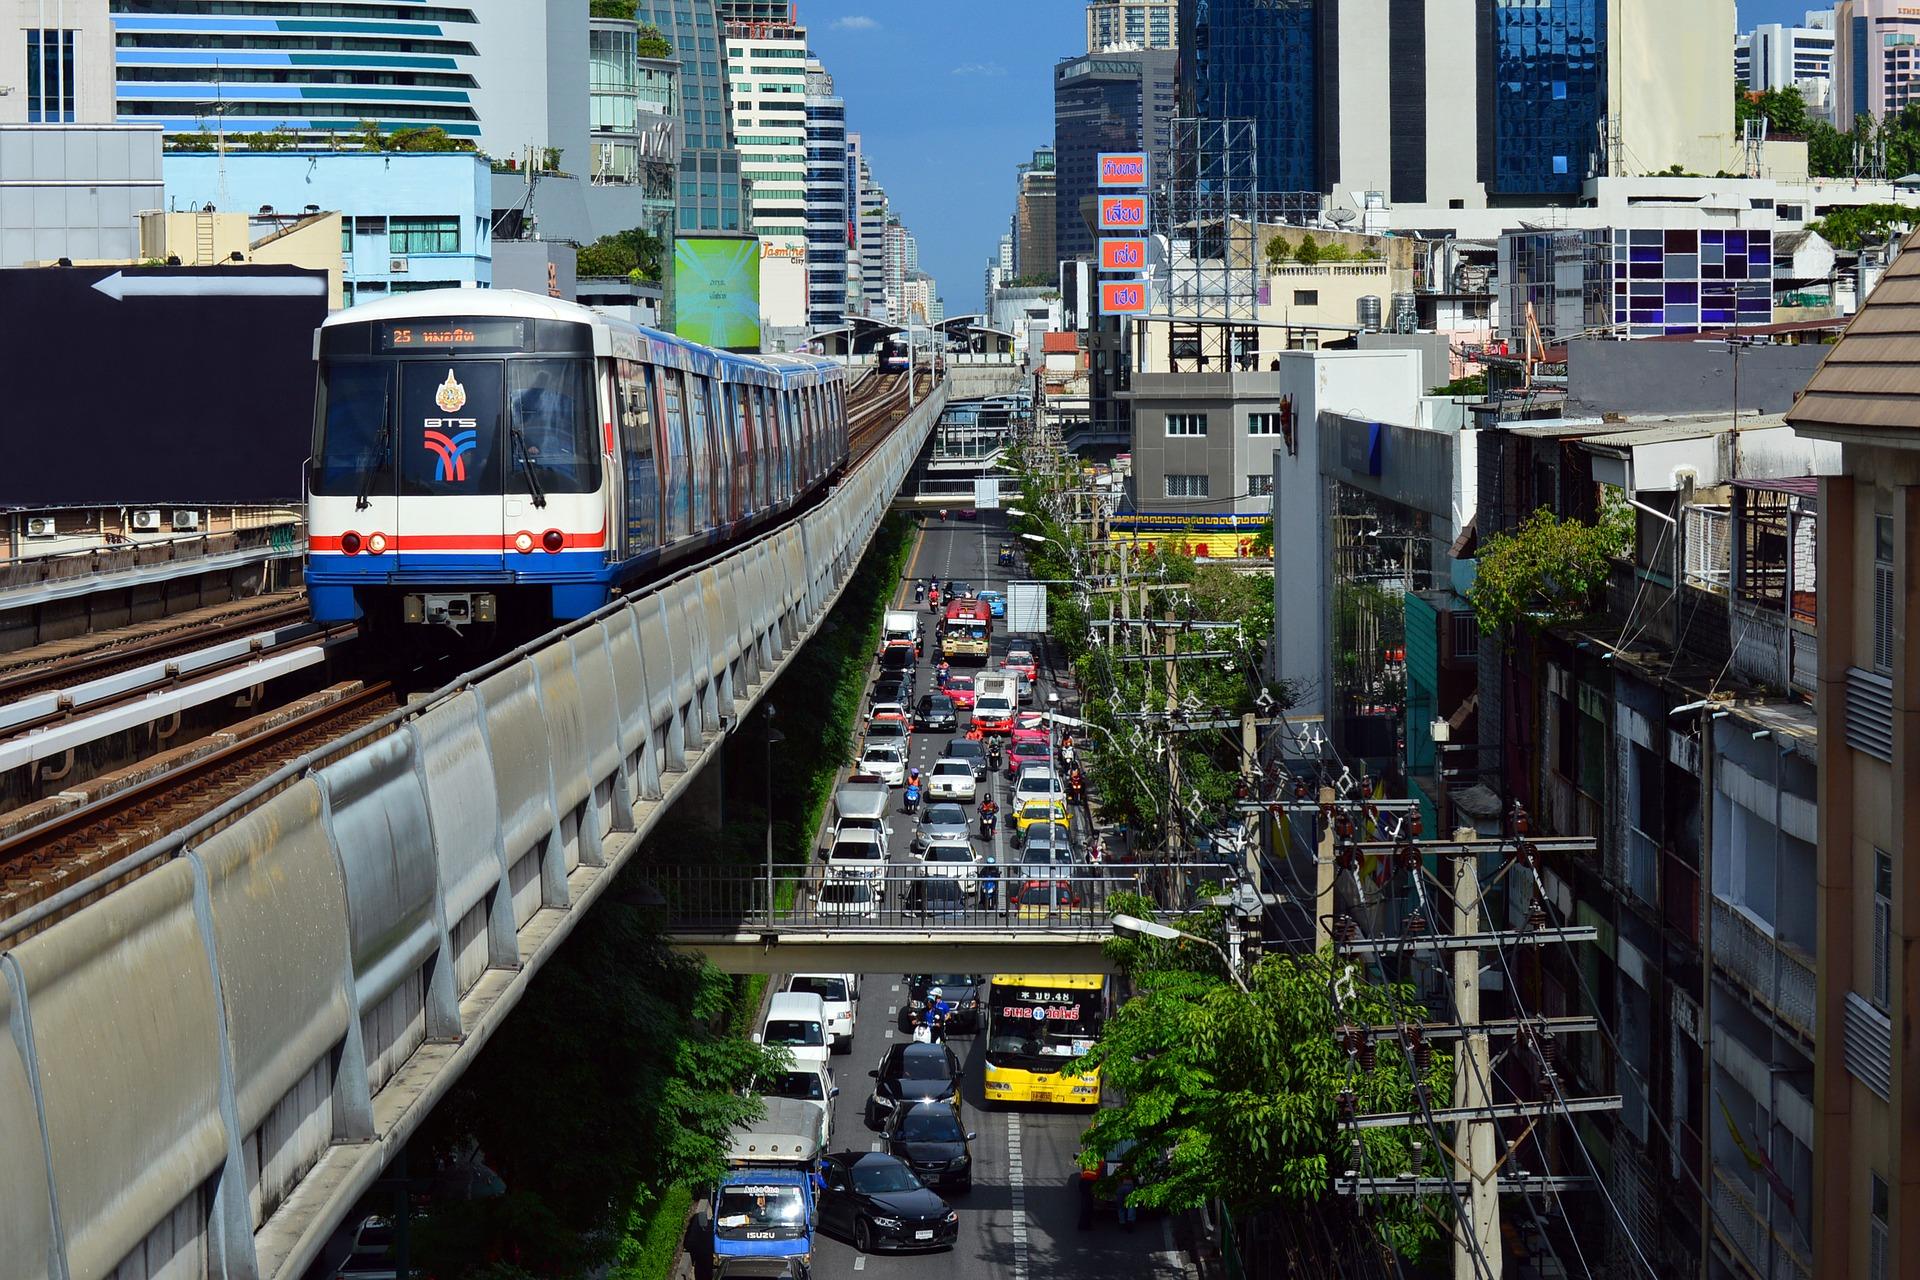 The Bangkok BTS Skytrain in downtown Bangkok, Thailand